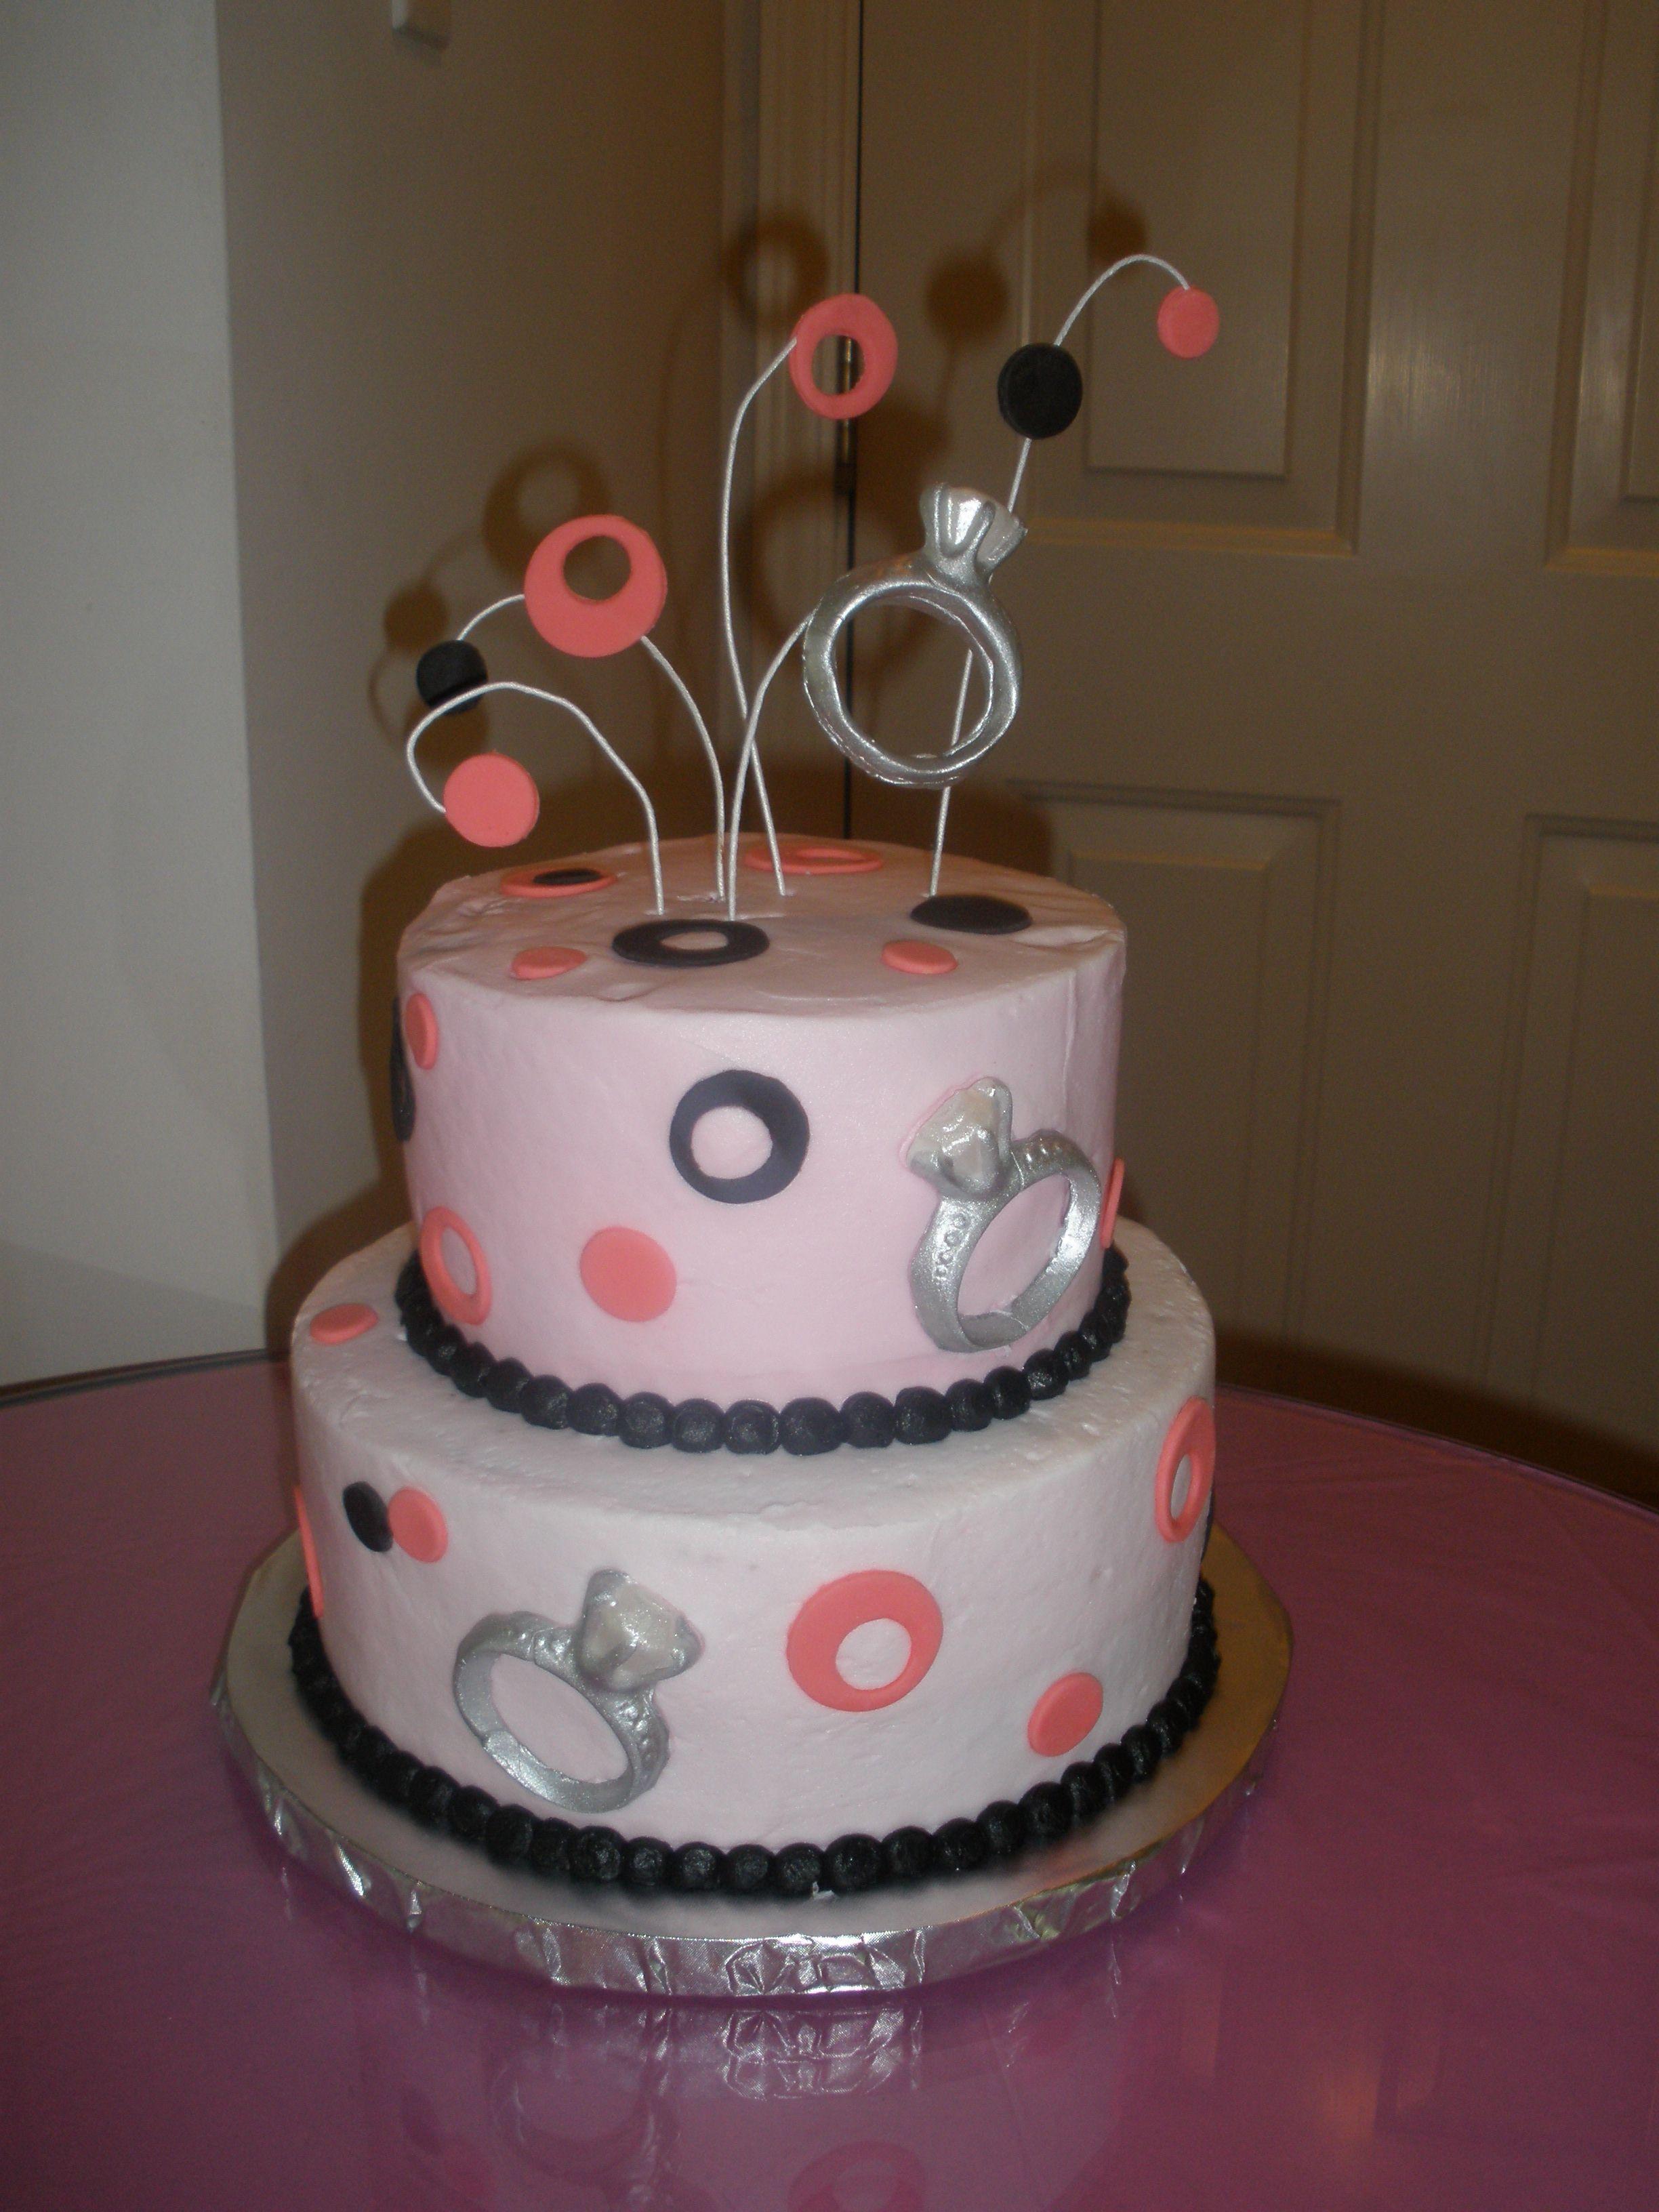 Pink & Black Wedding Ring Shower Cake